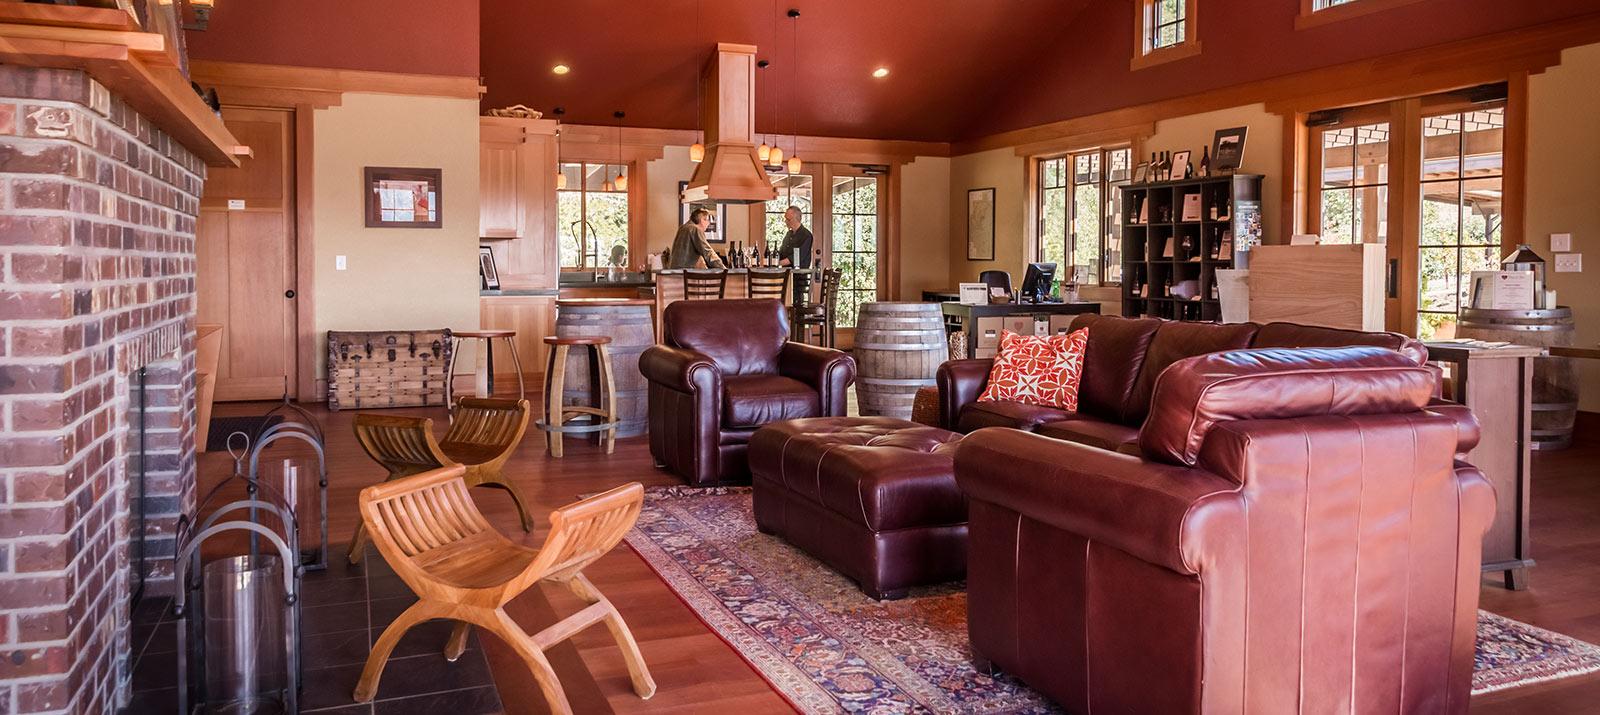 Coeur de Terre winery tasting room